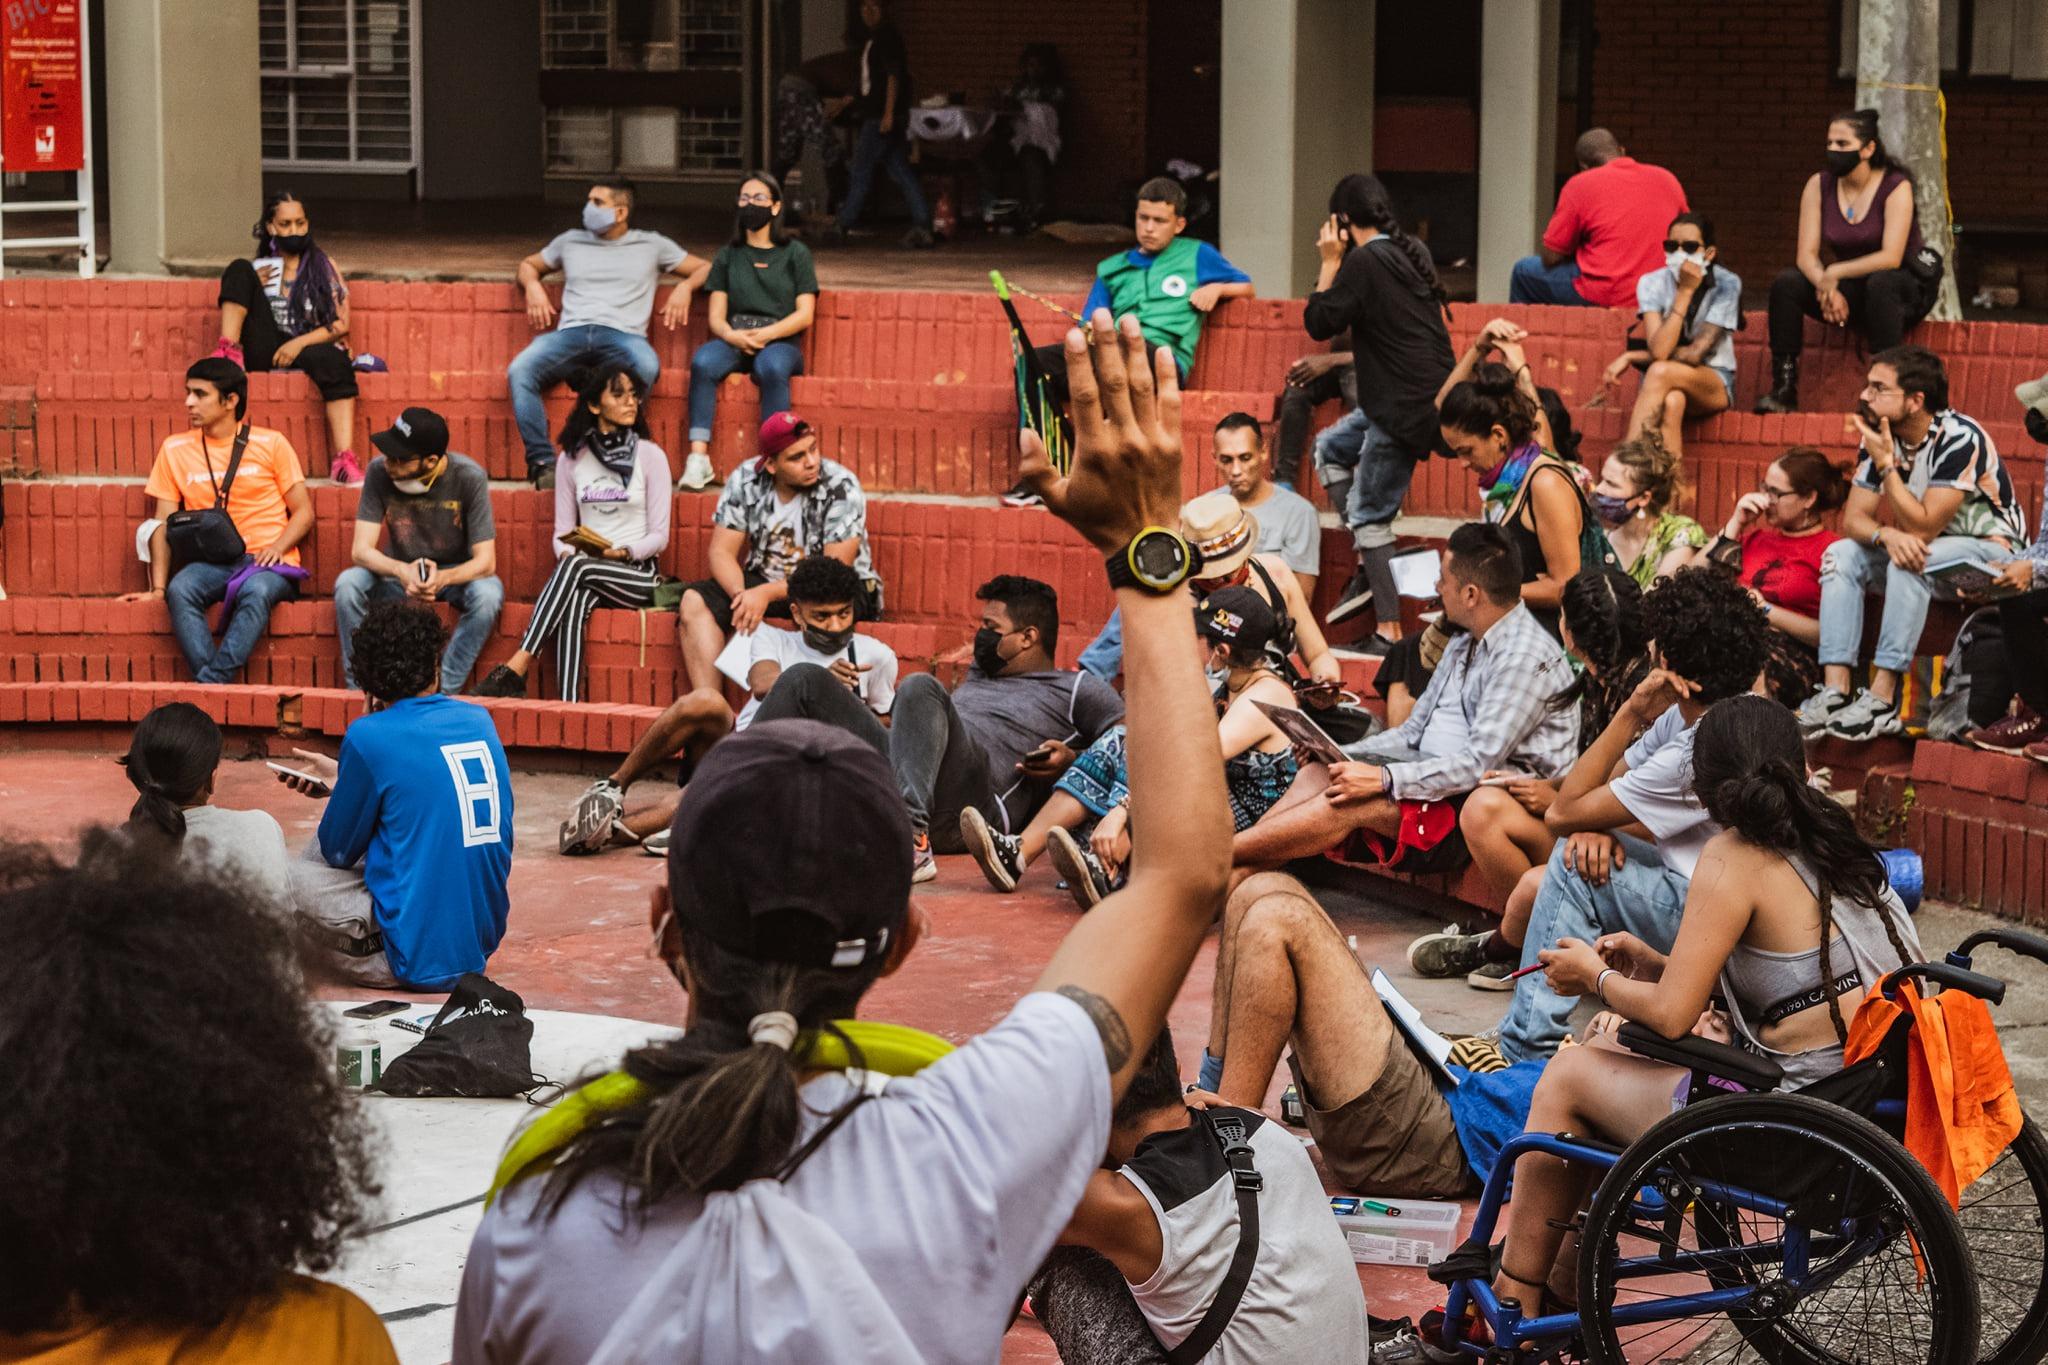 """Puede ser una imagen de 7 personas, personas sentadas, personas de pie, al aire libre, multitud y texto que dice """"C 日"""""""